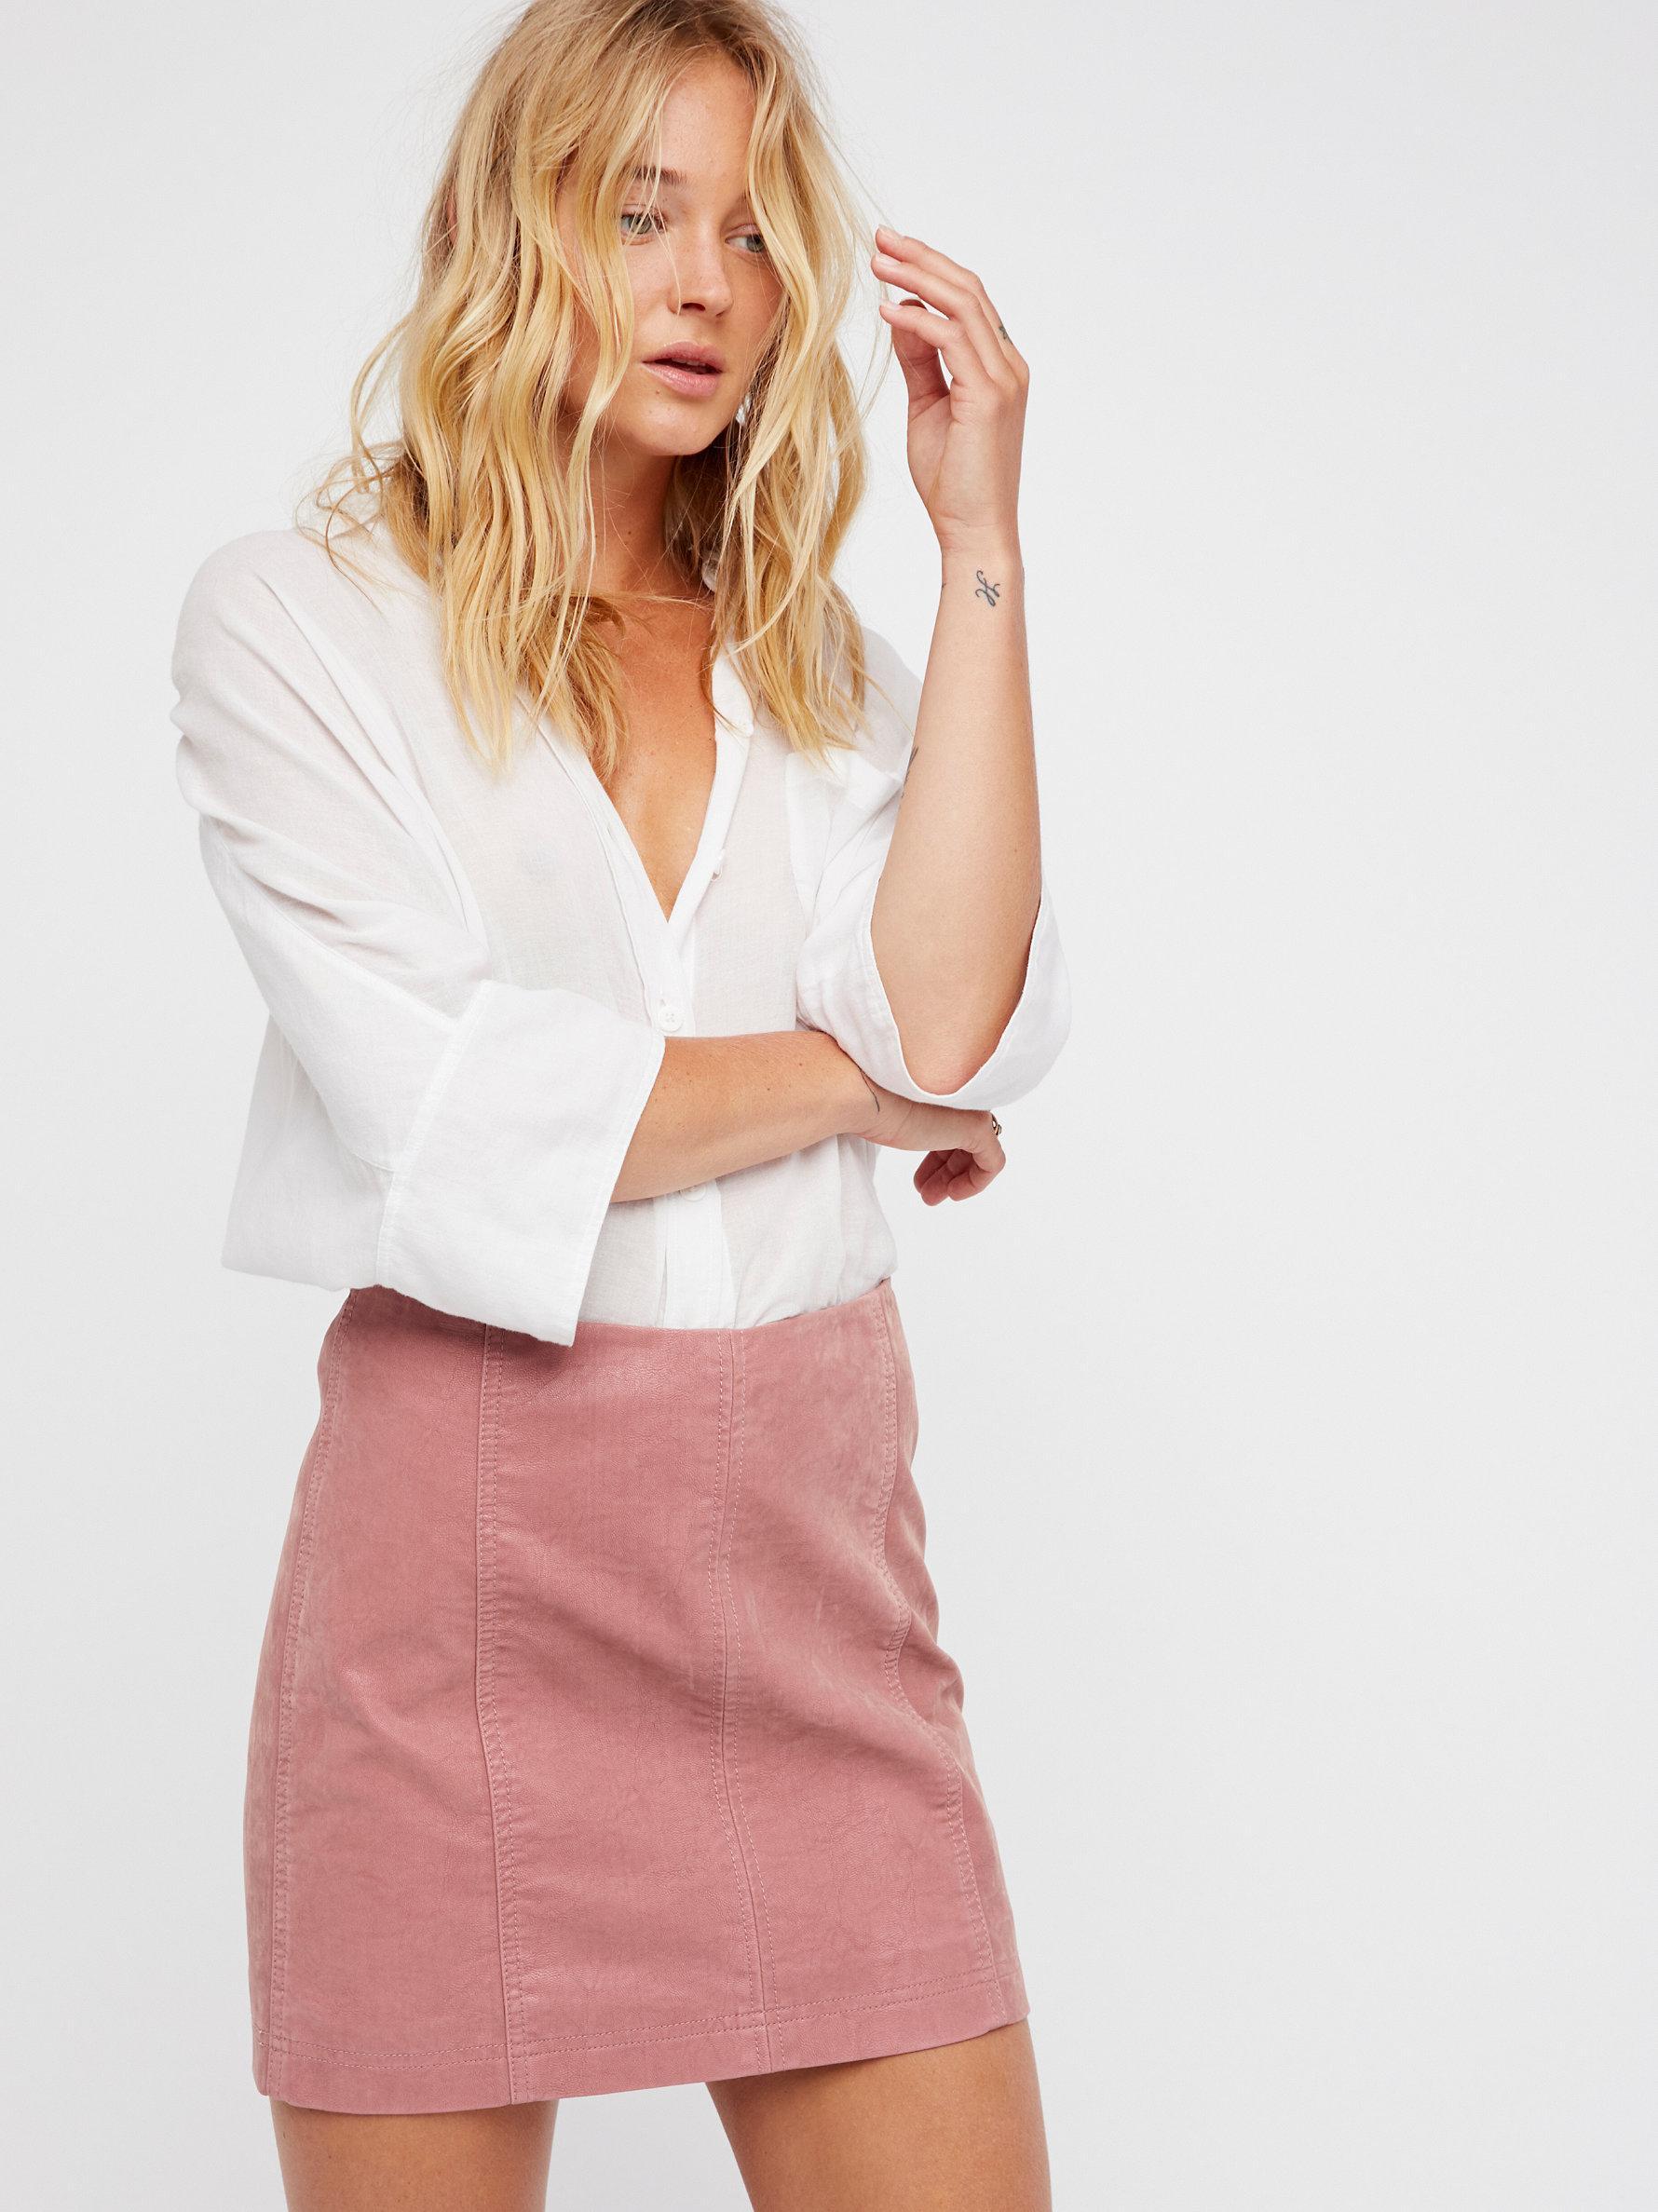 ed03340b79 Free People Modern Femme Vegan Suede Mini in Pink - Lyst